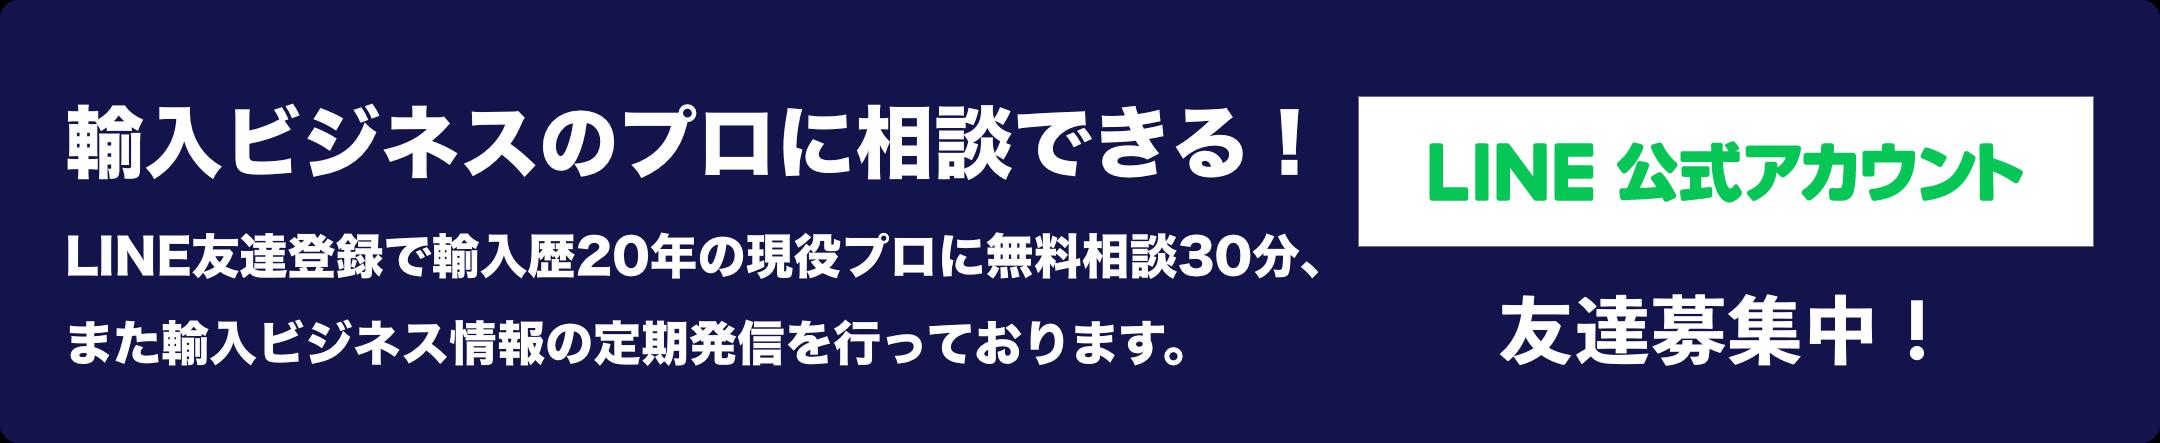 やすく わかり 円 円 安 高